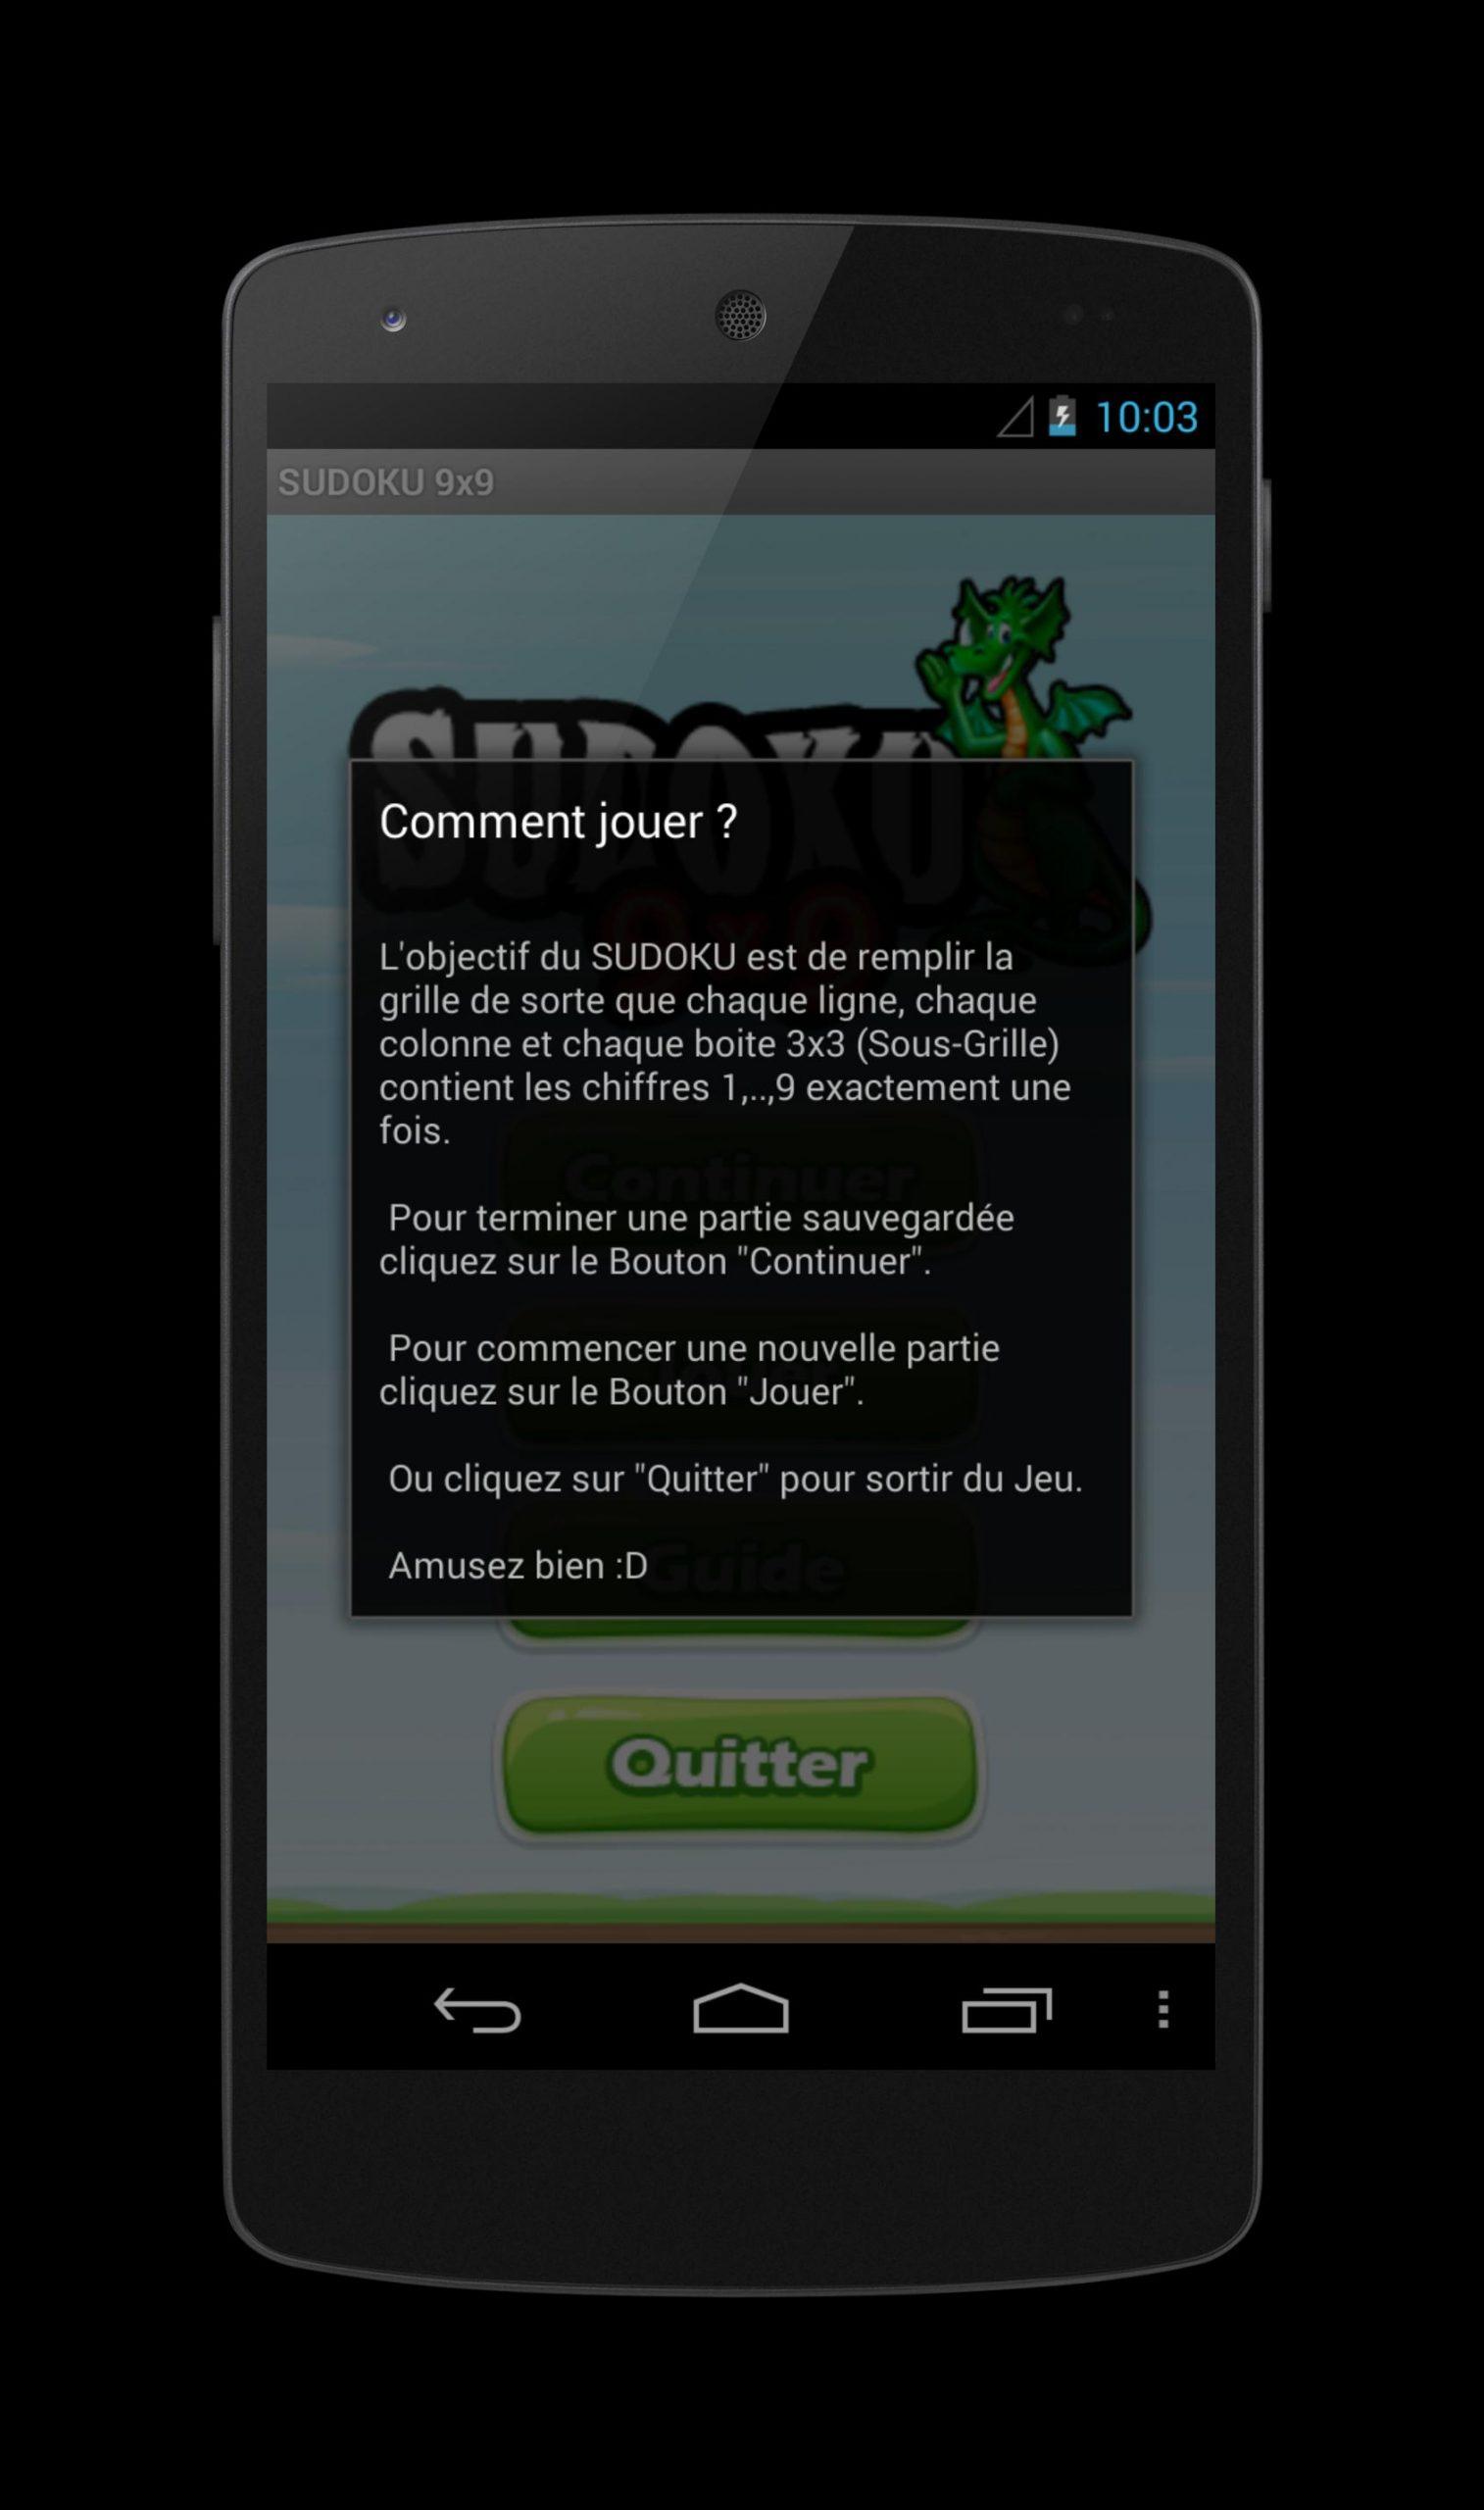 Android Için Sudoku 9X9 - Apk'yı İndir dedans Comment Jouer Sudoku